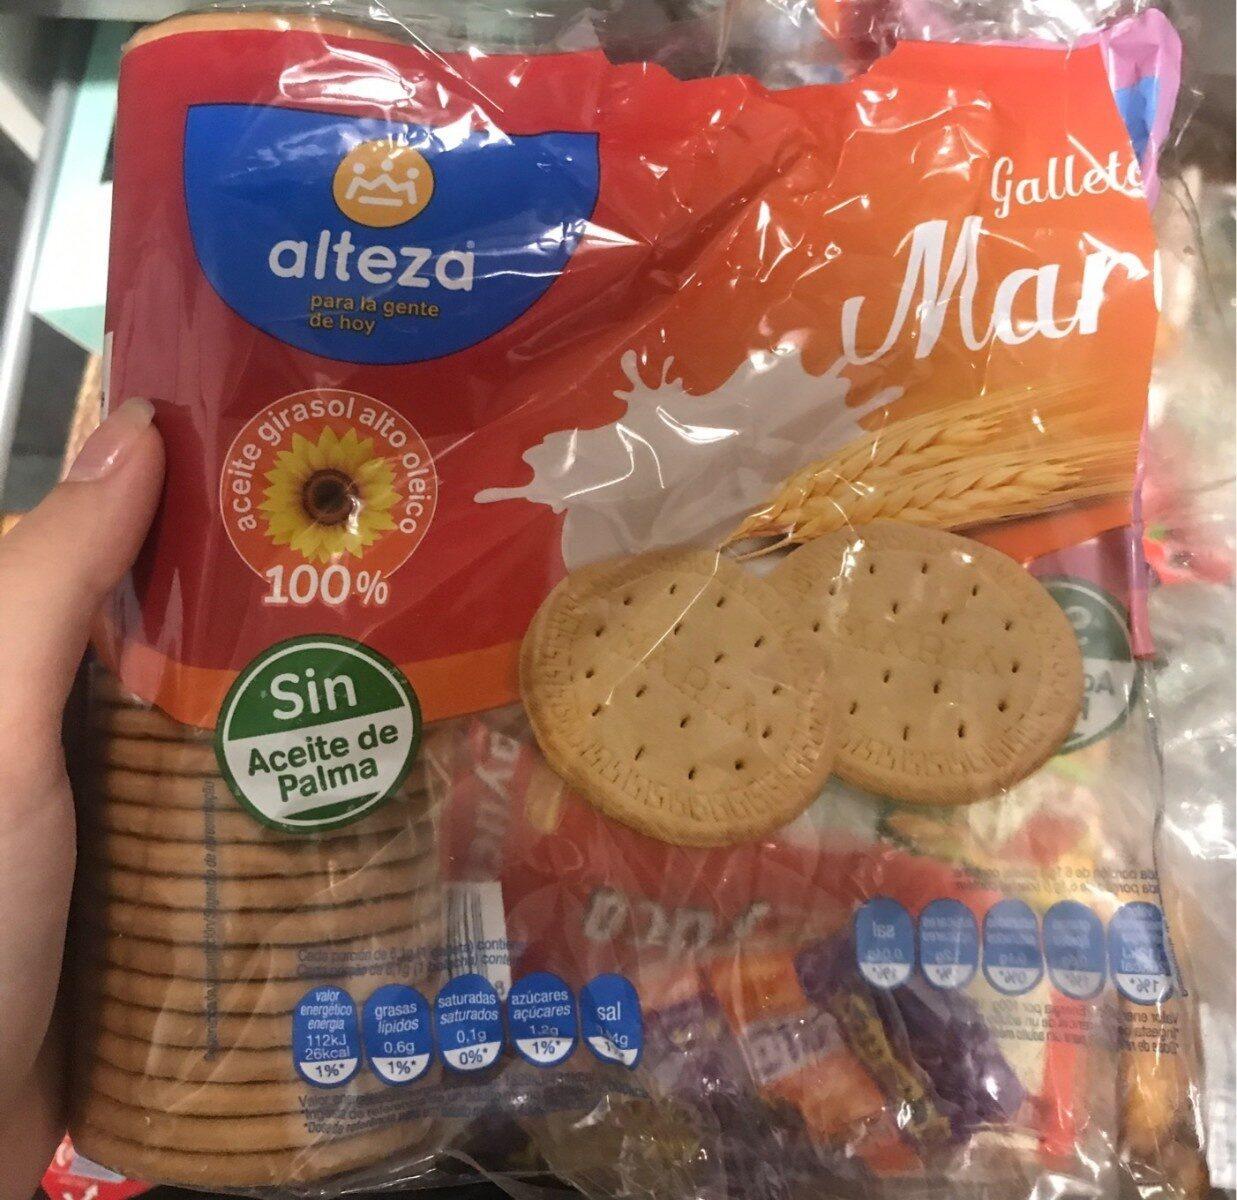 Galletas María alteza - Product - es